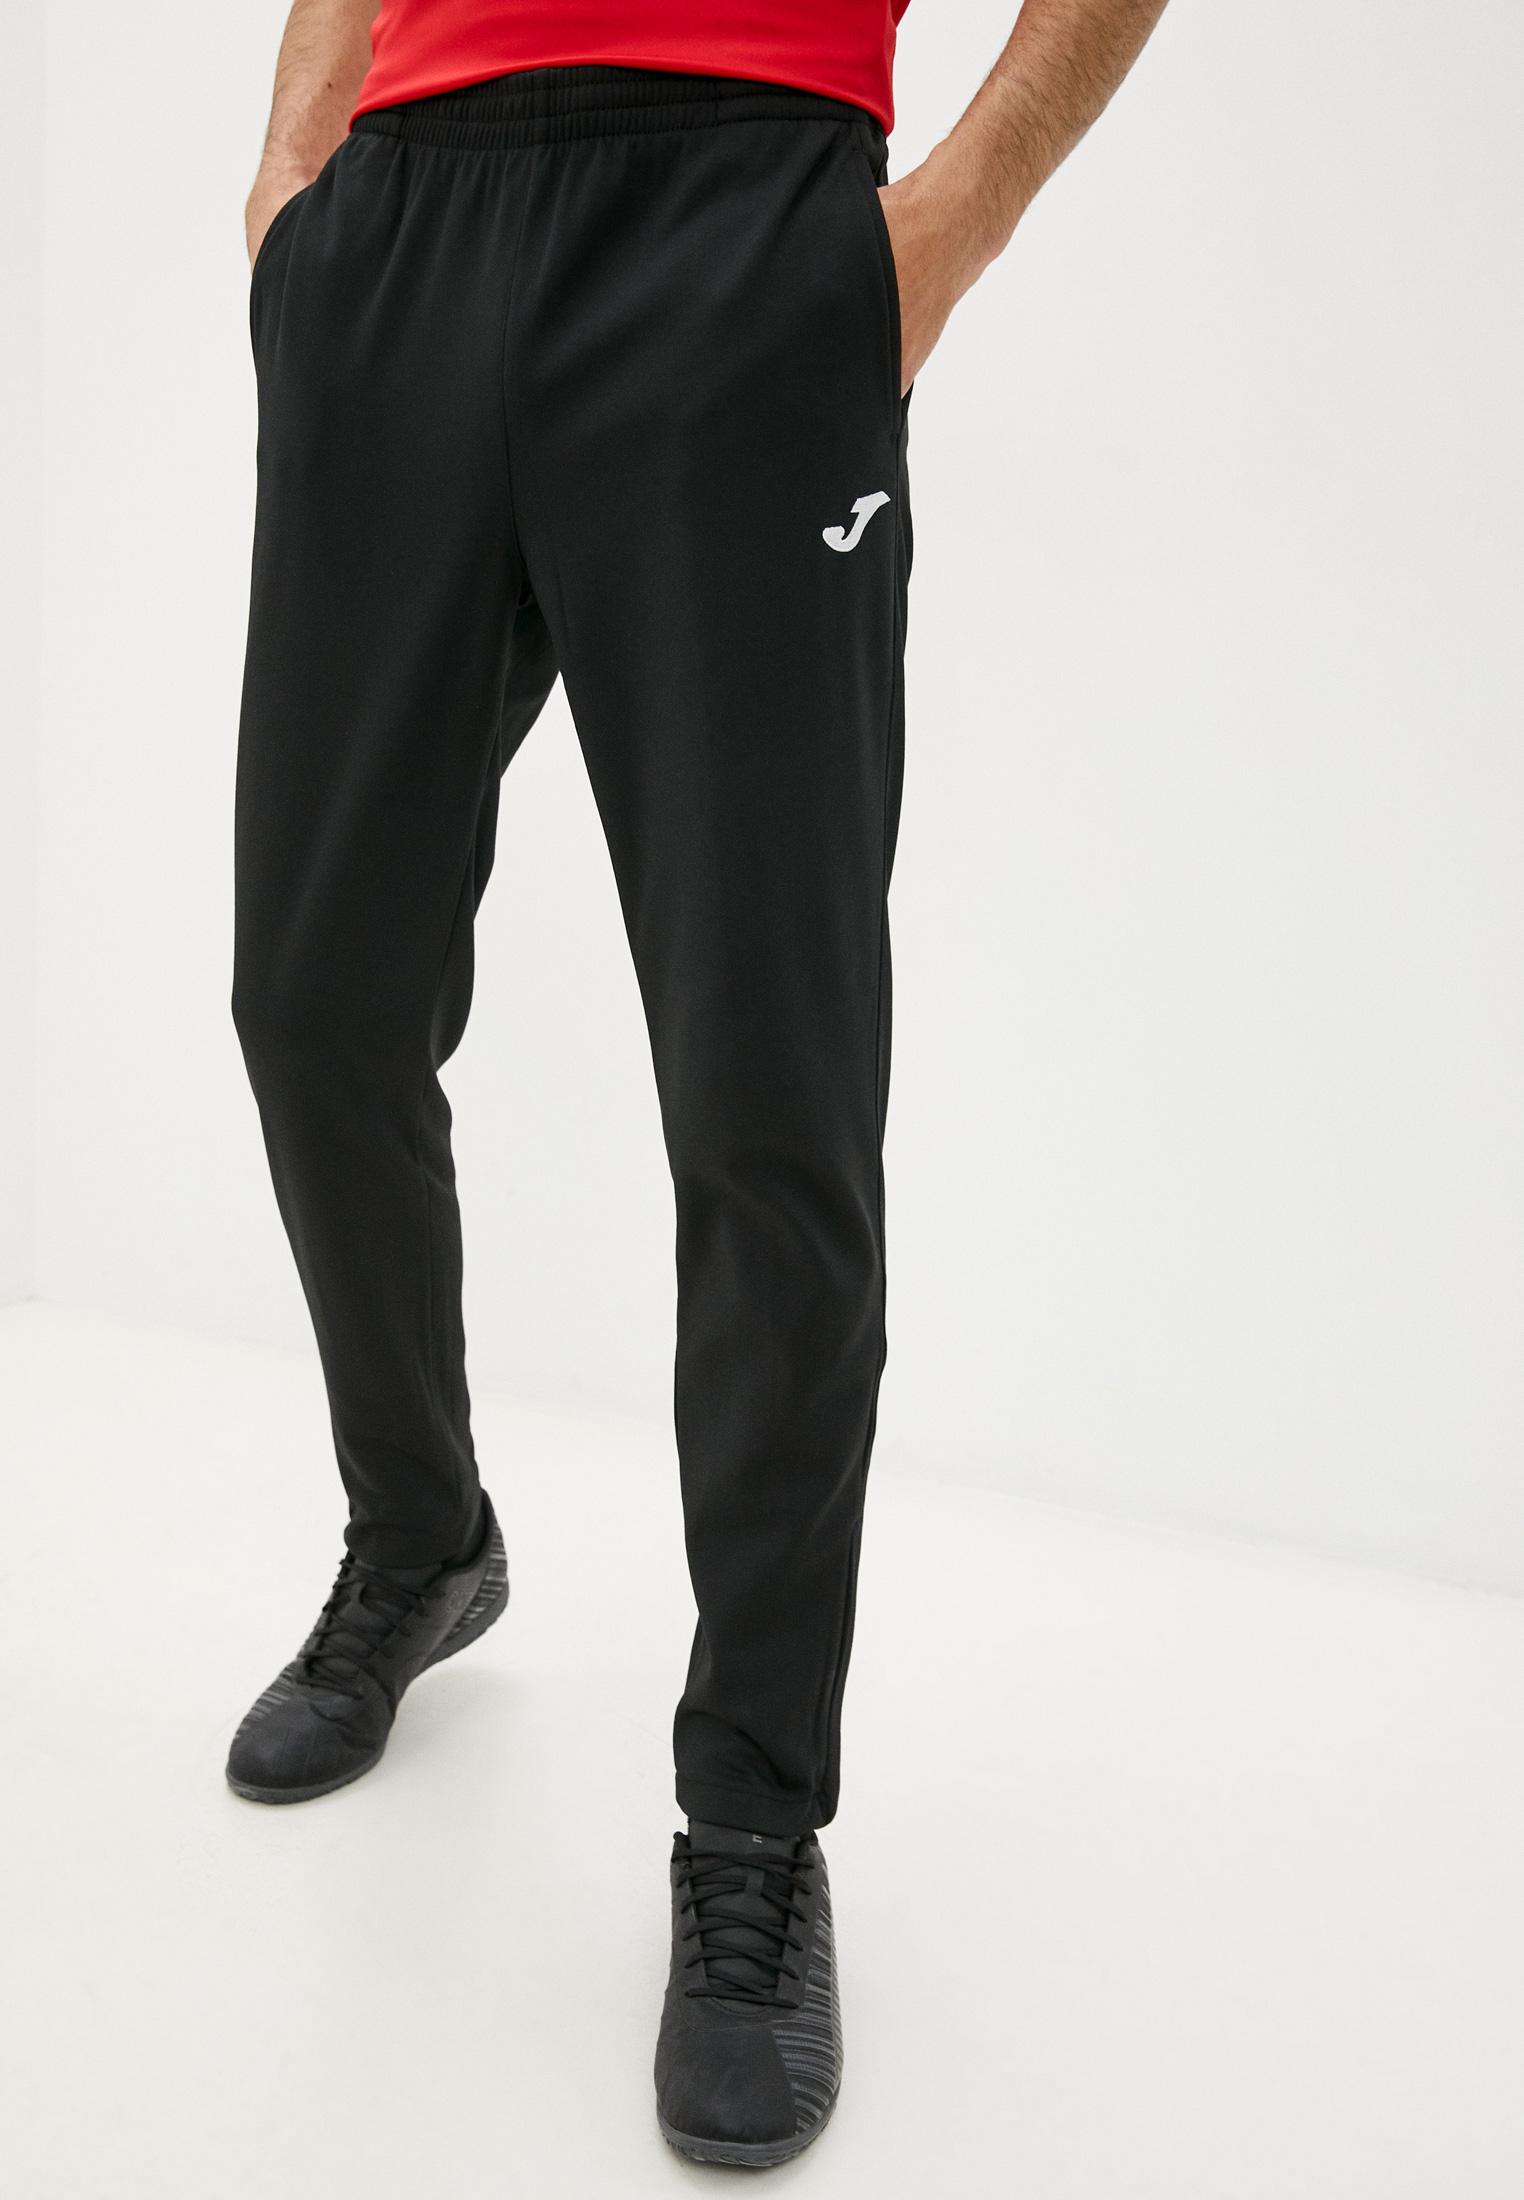 Мужские спортивные брюки Joma Брюки спортивные Joma